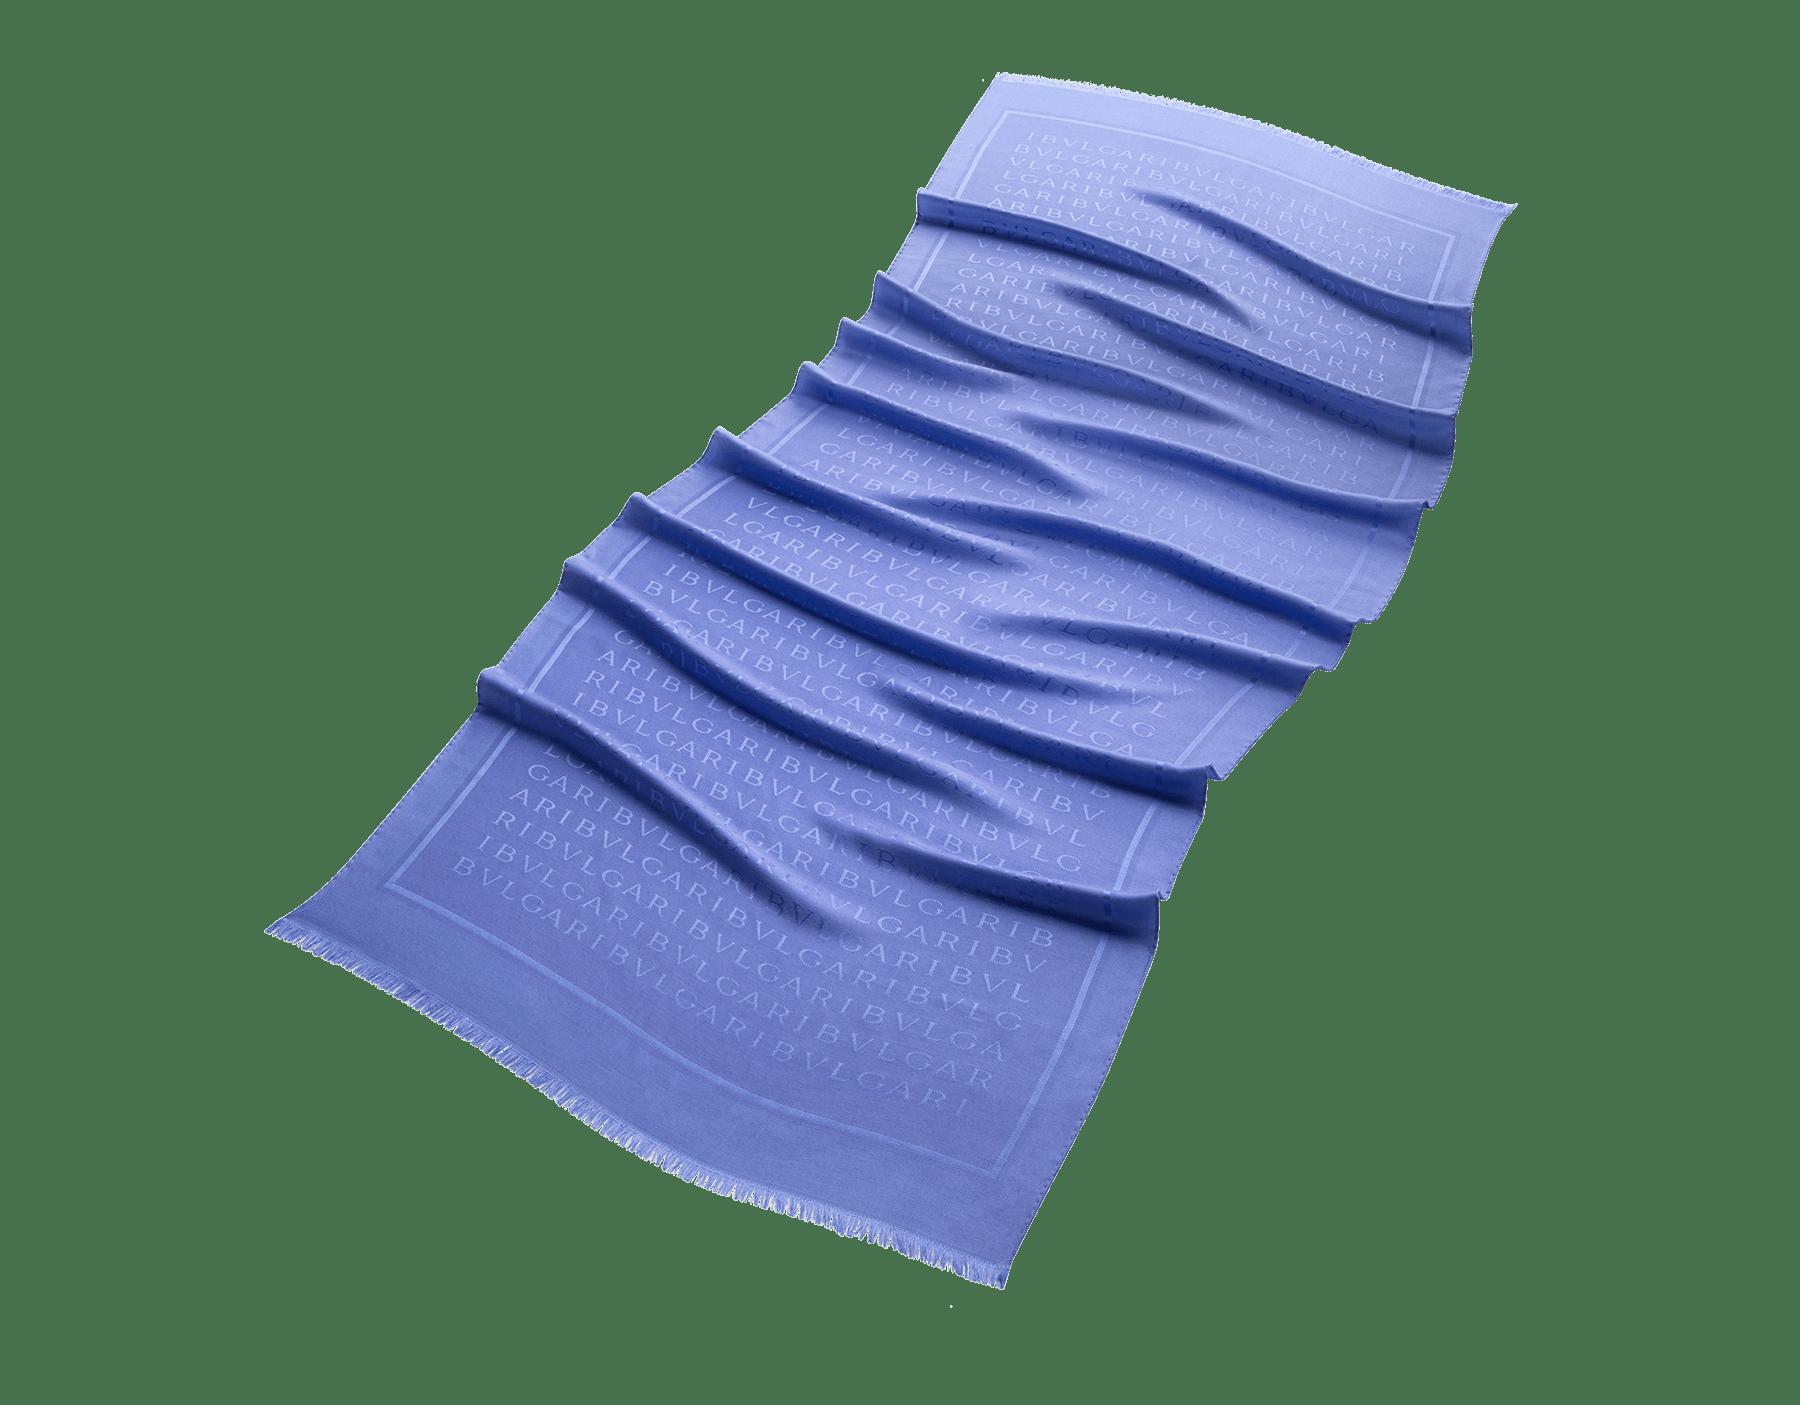 Étole Lettere Maxi en laine et soie fine couleur lilas Lavender Amethyst. 244607 image 1